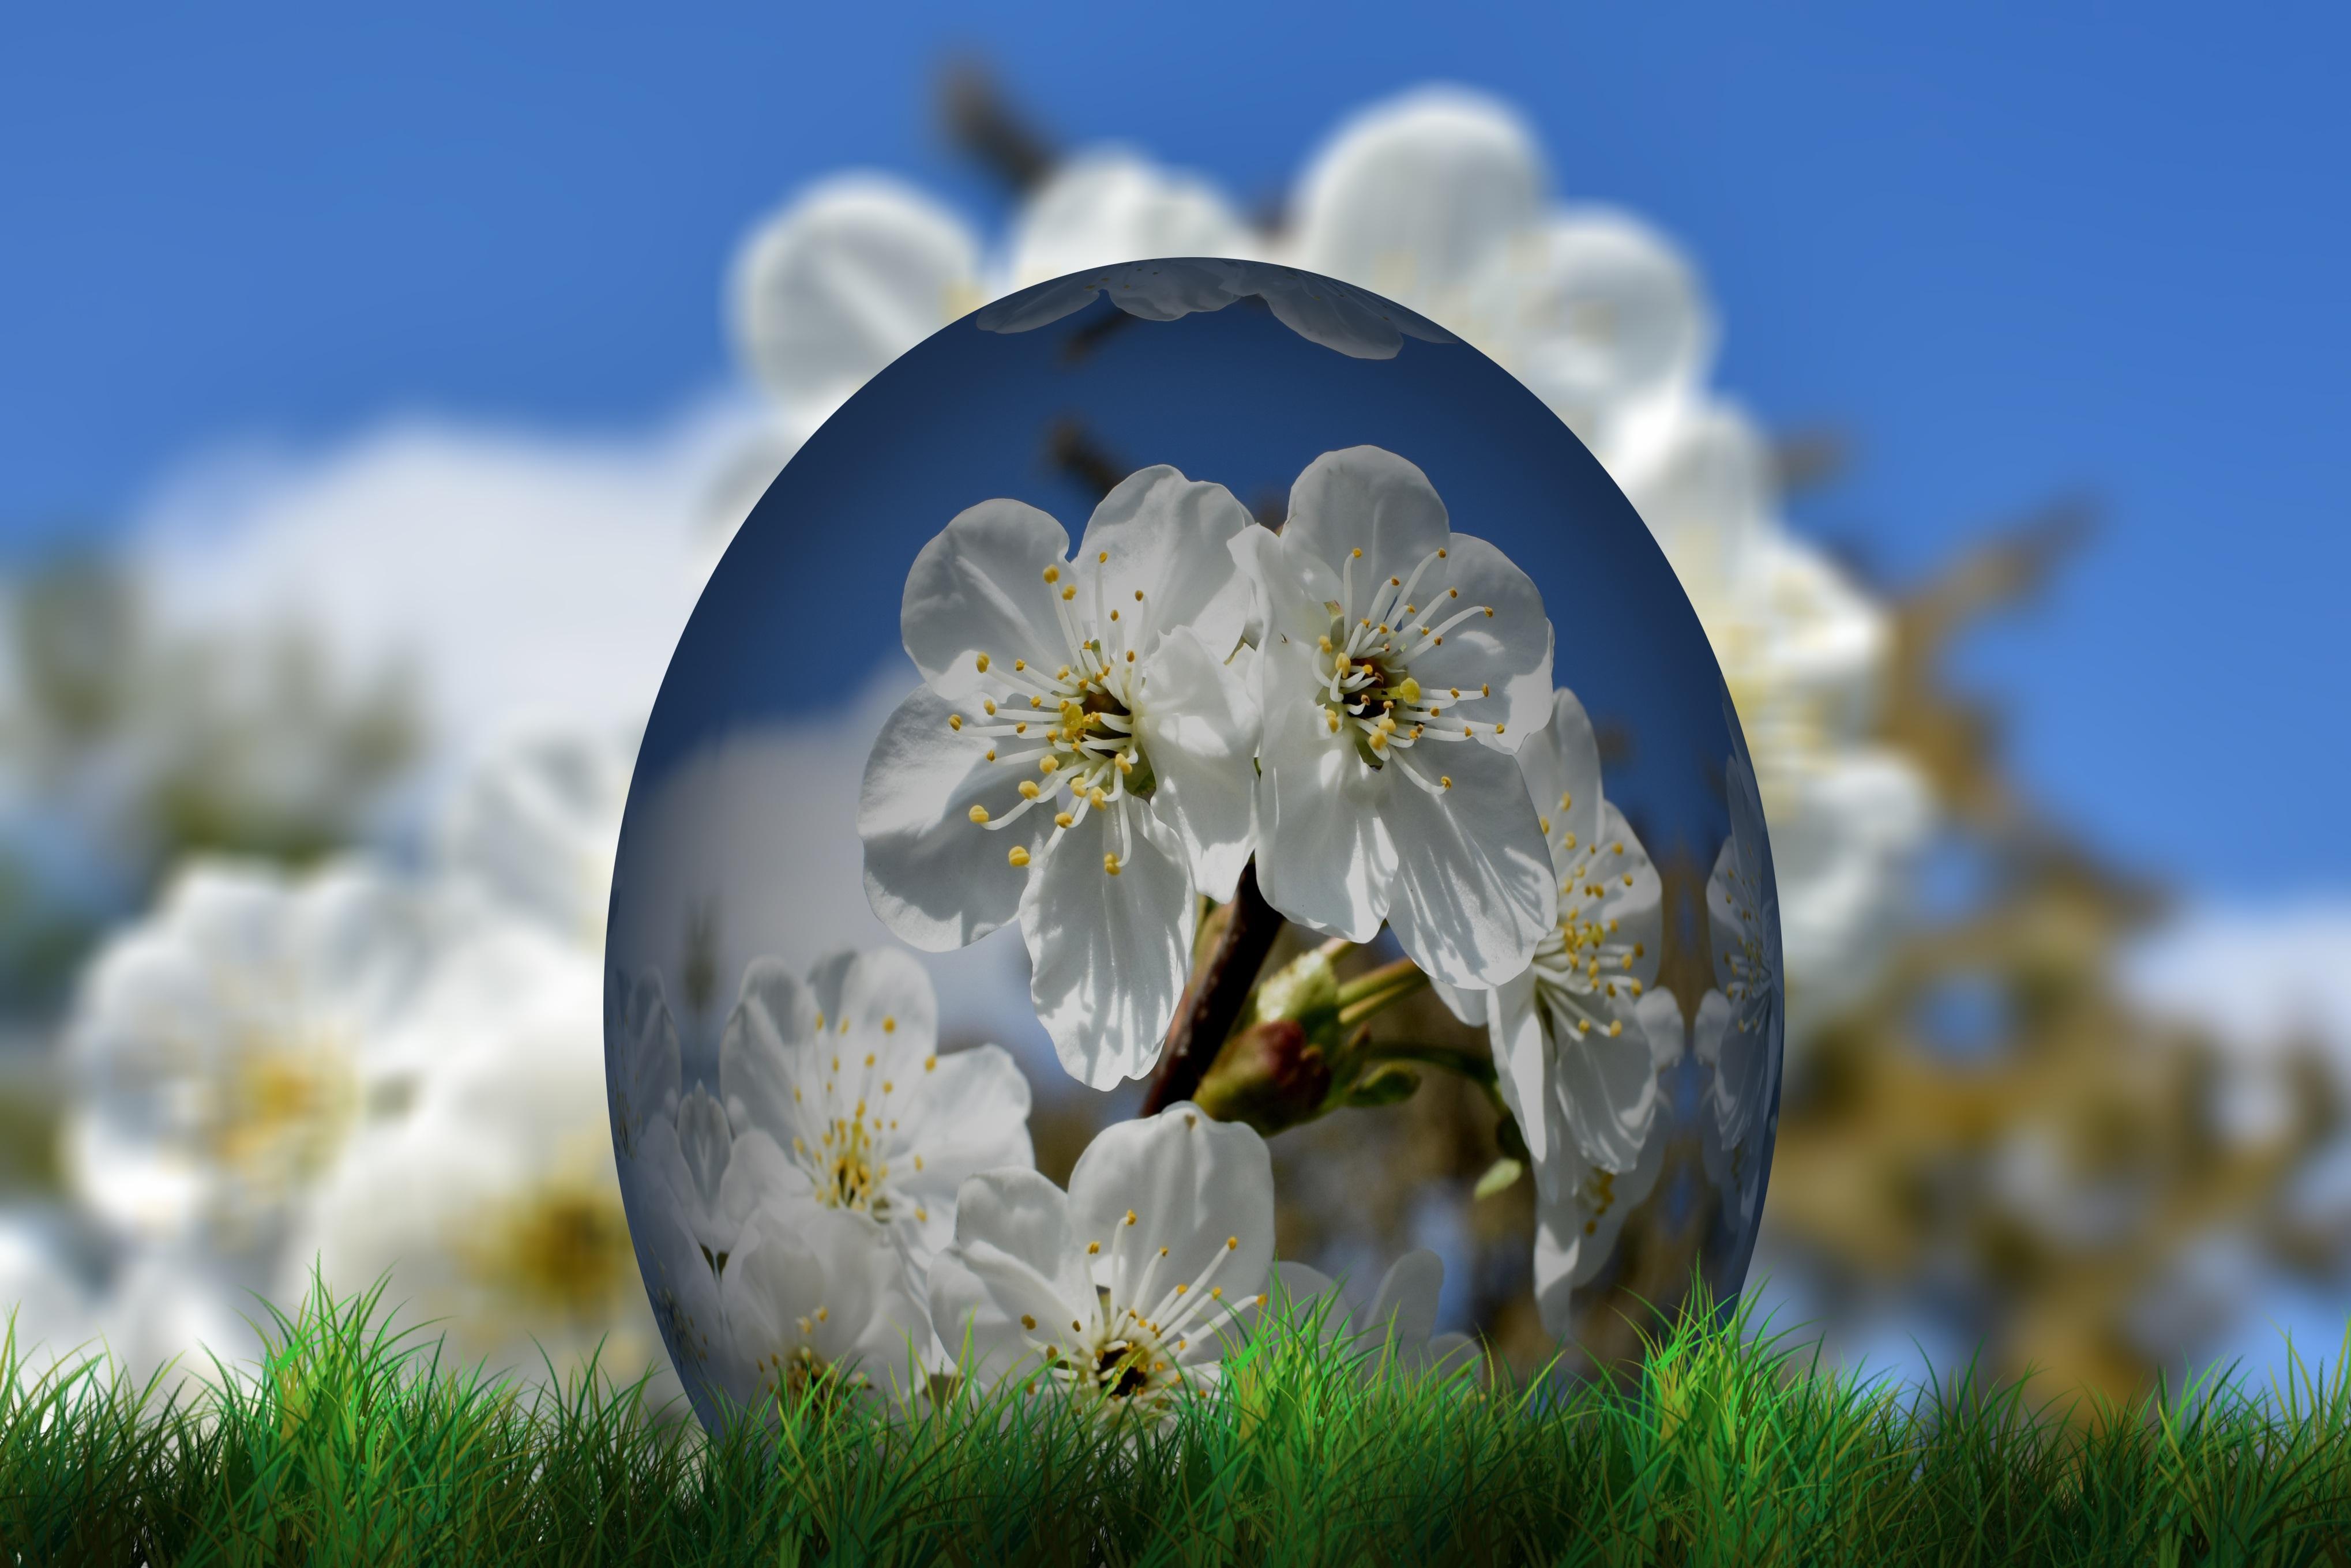 Картинки красивые природа весна и лето натюрморты создаются